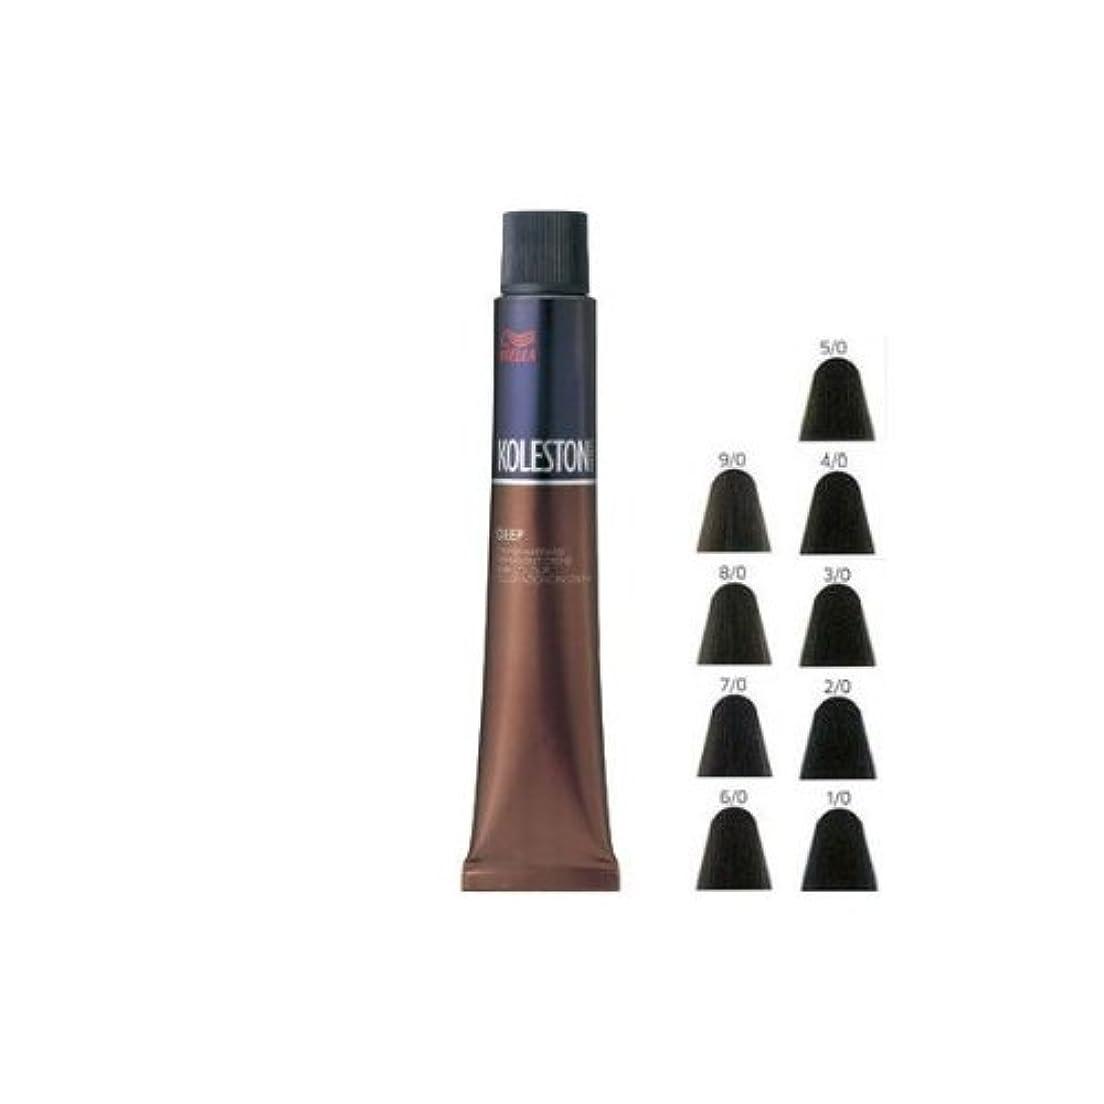 調べるママ破滅ウエラ コレストン パーフェクト J 1剤 ディープ ブラック (J7/0) 80g